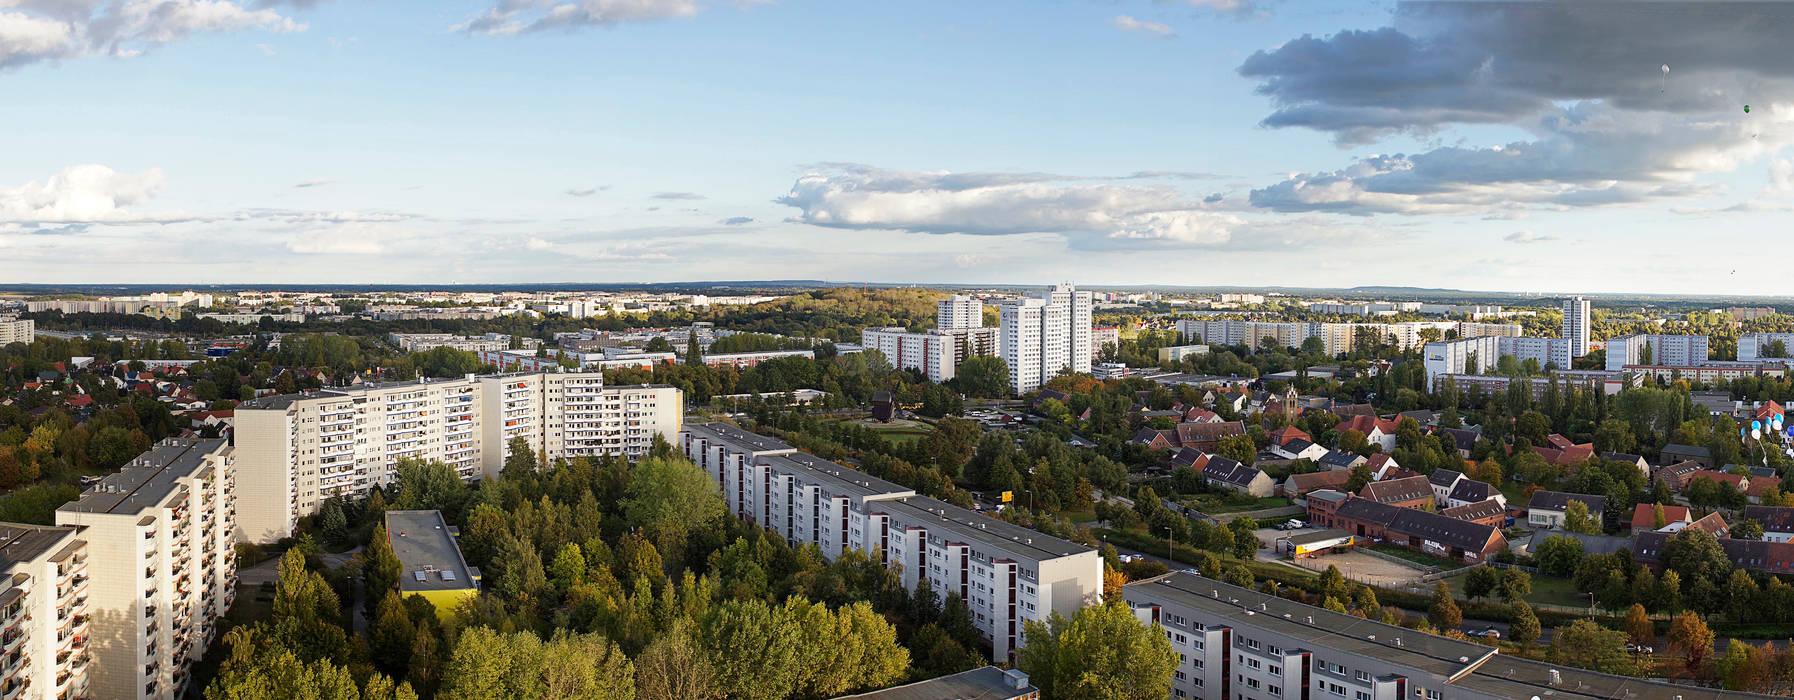 Blick über Marzahn Industriale Veranstaltungsorte von Müllers Büro Industrial Eisen/Stahl